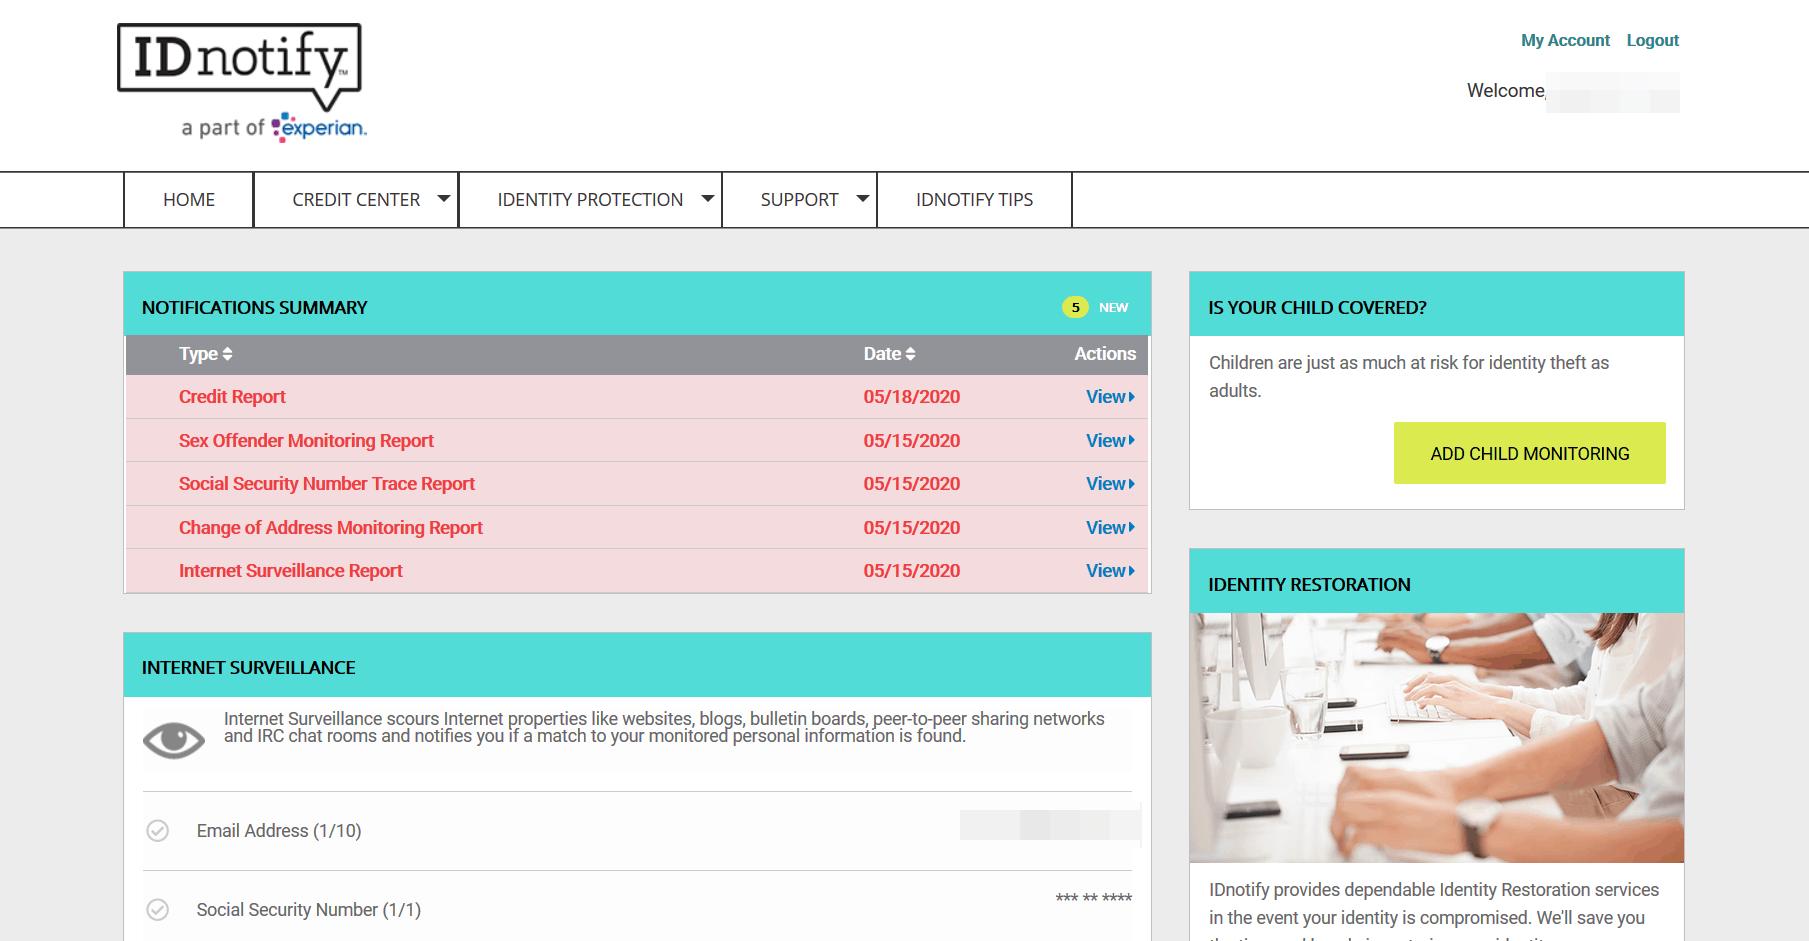 IDnotify - Main Alerts Page